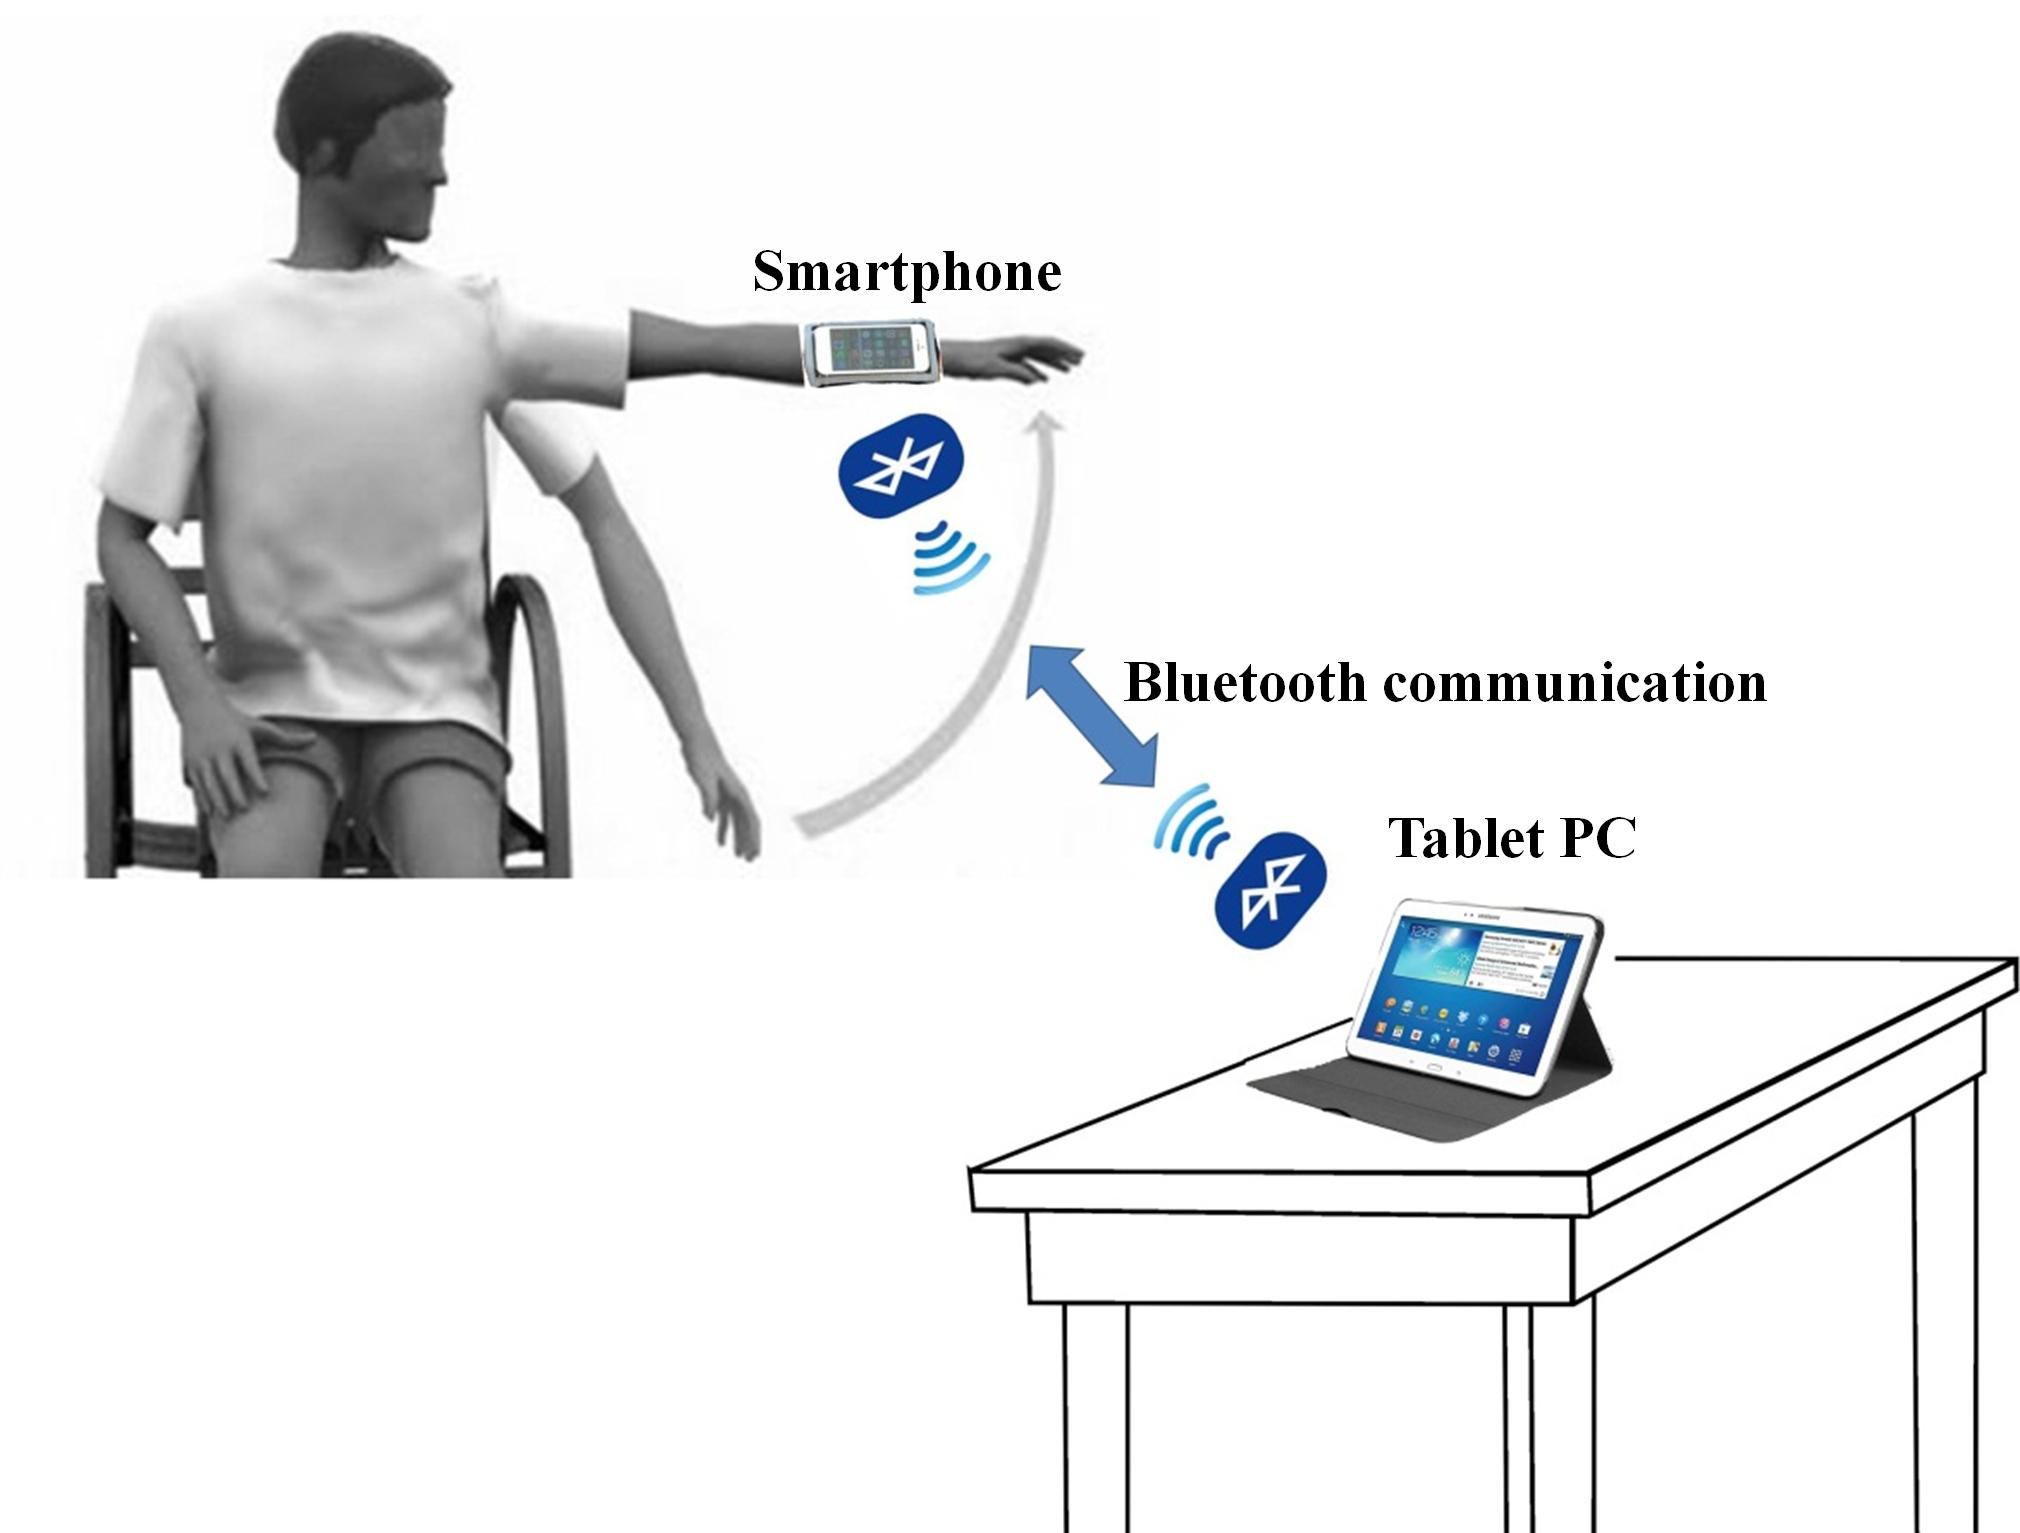 virtuell verklighet kön videor amatör teen kön part